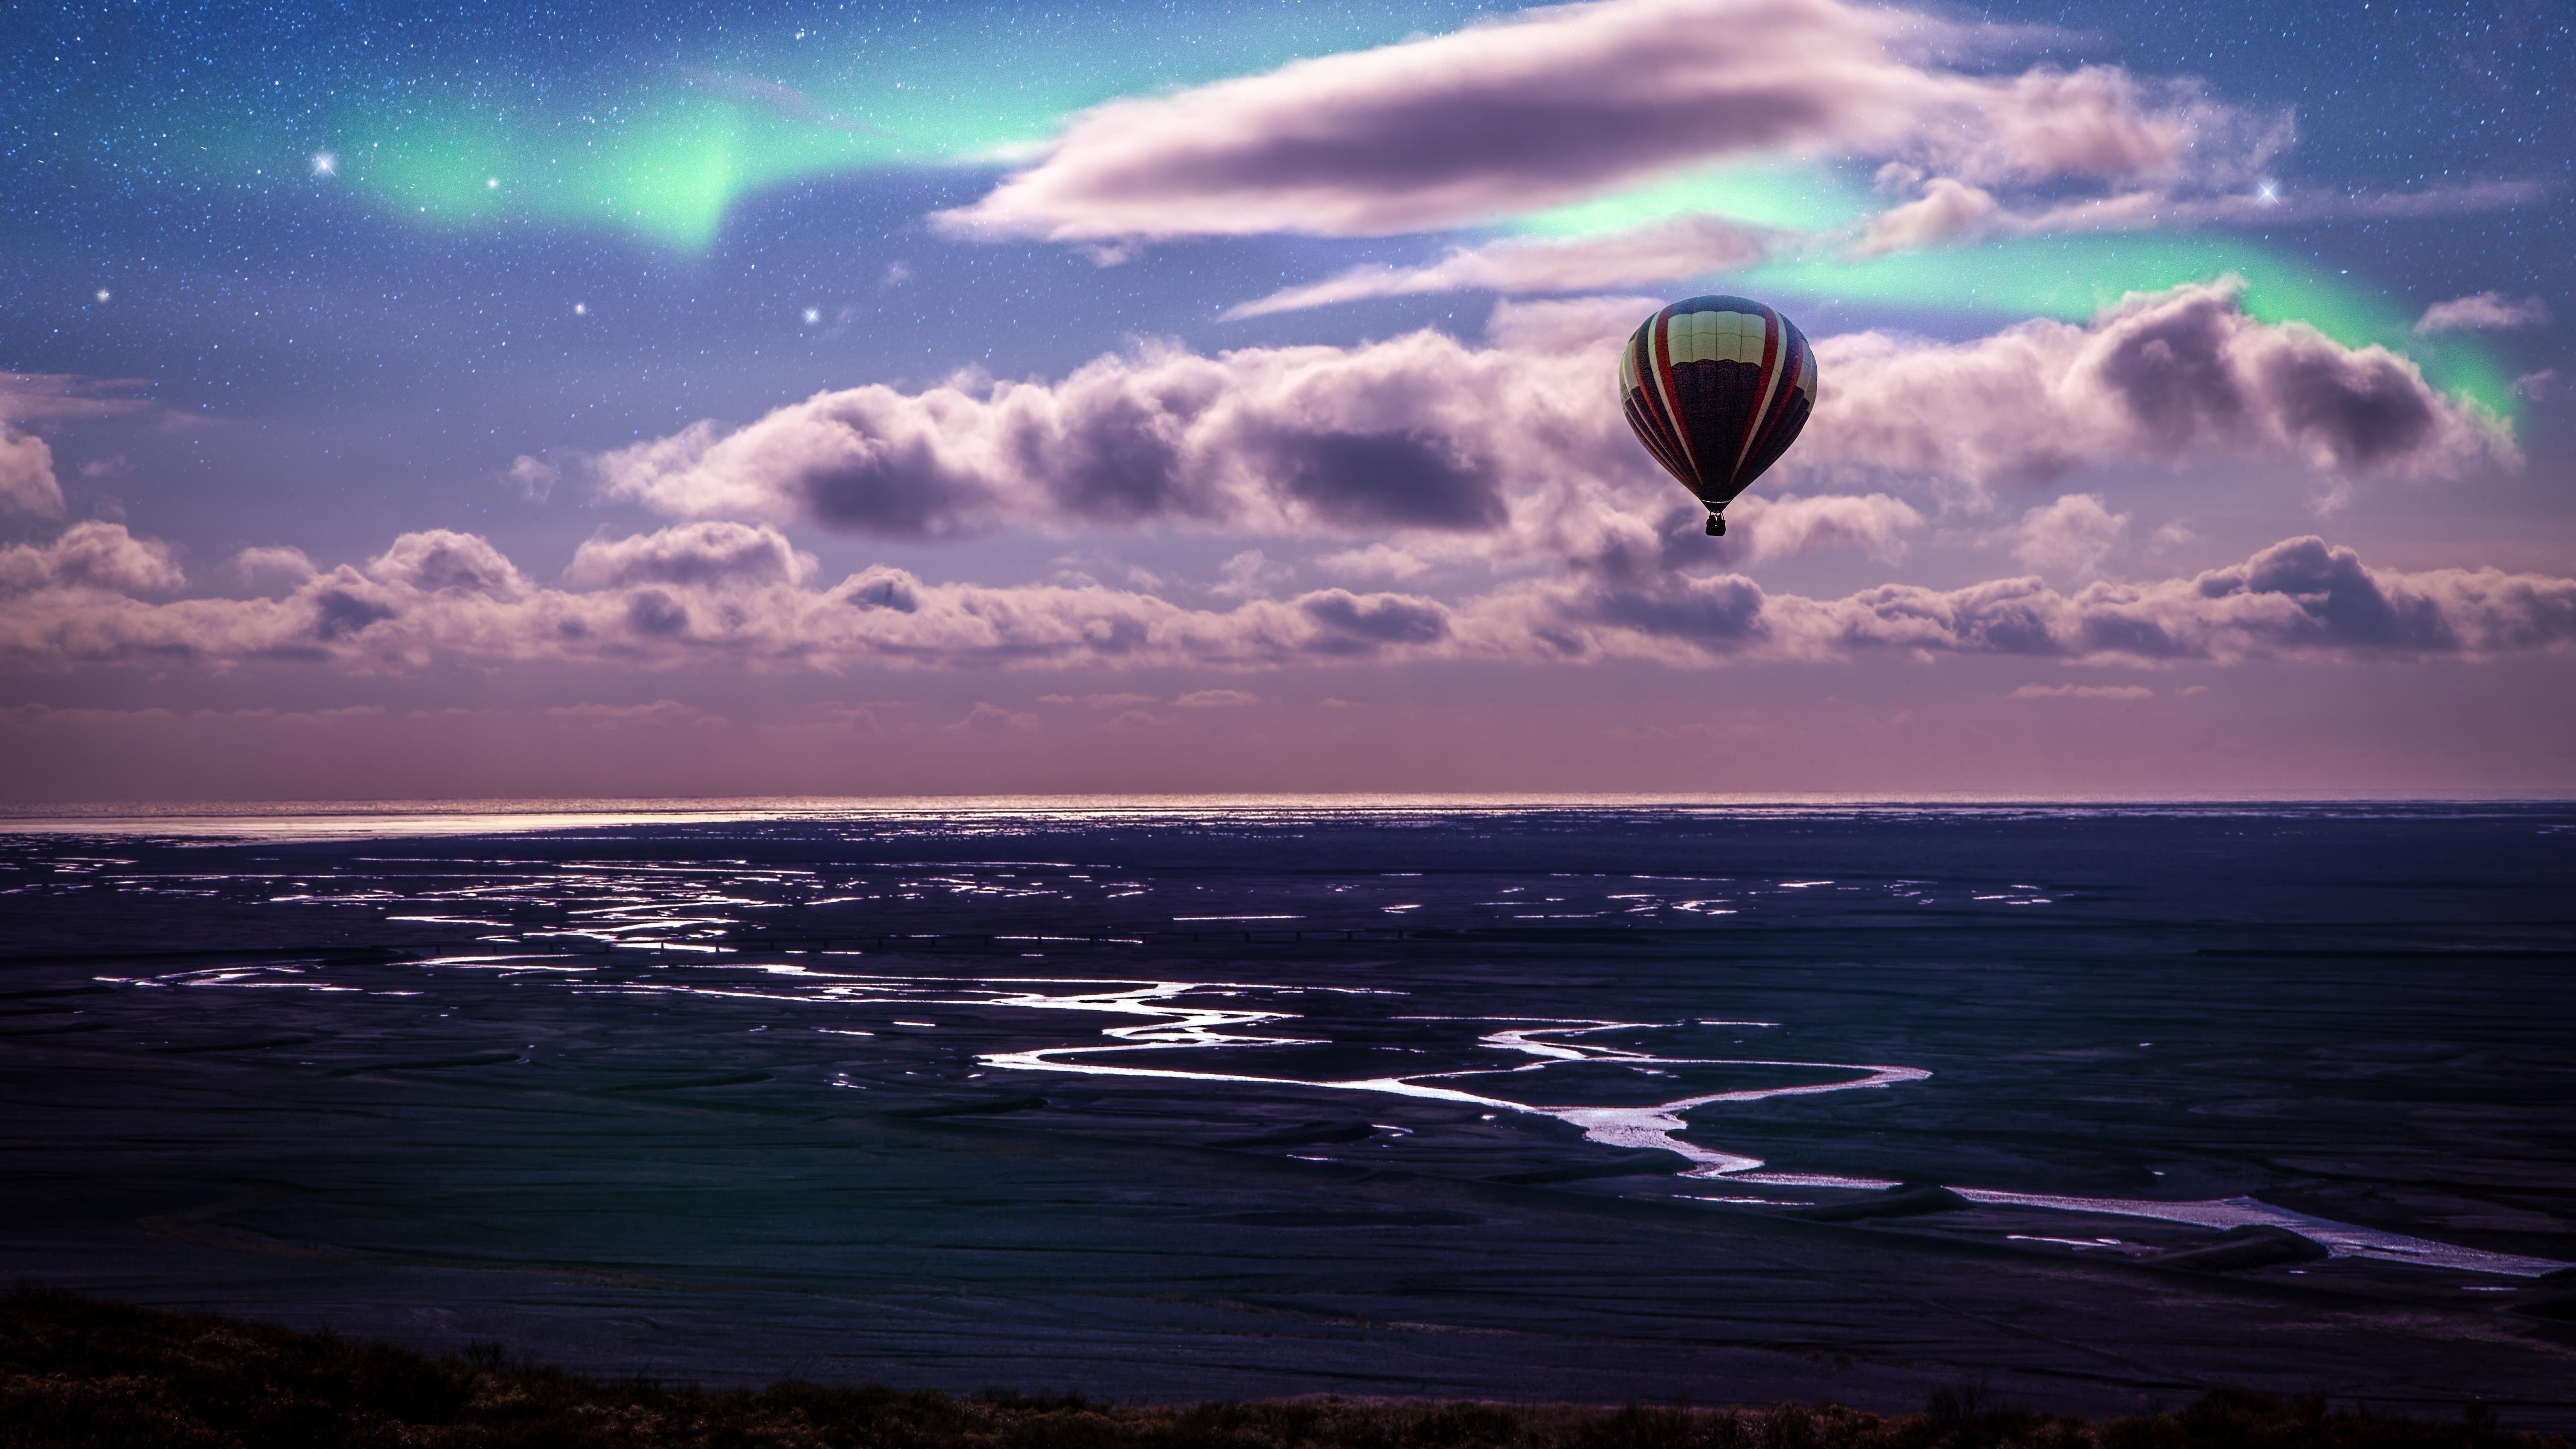 Воздушный шар Аврора Бореалис пейзаж обои скачать